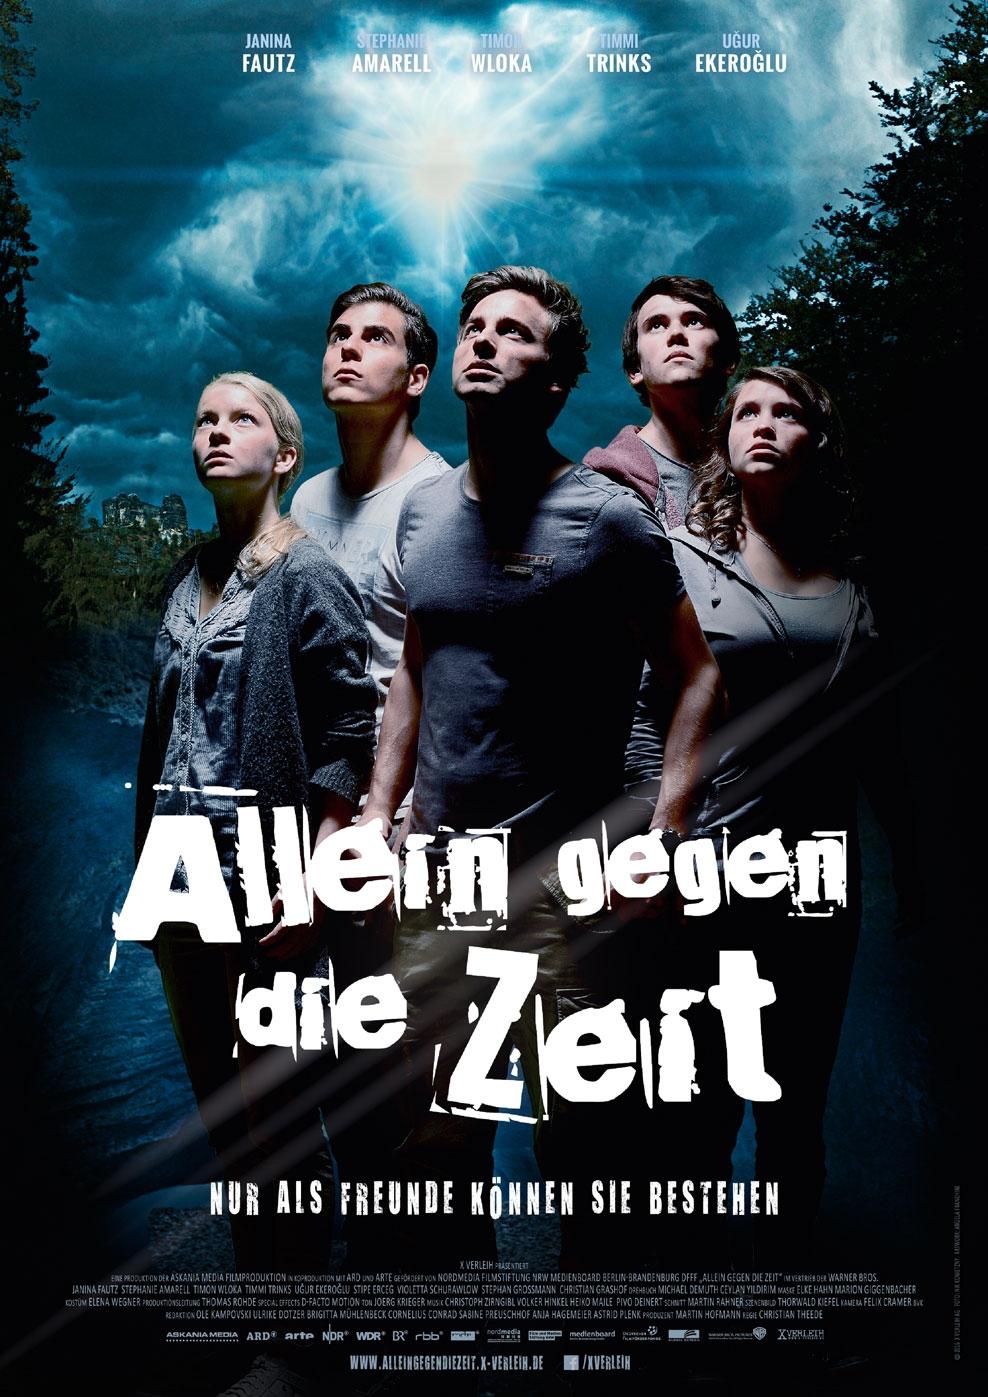 Allein gegen die Zeit (Poster)